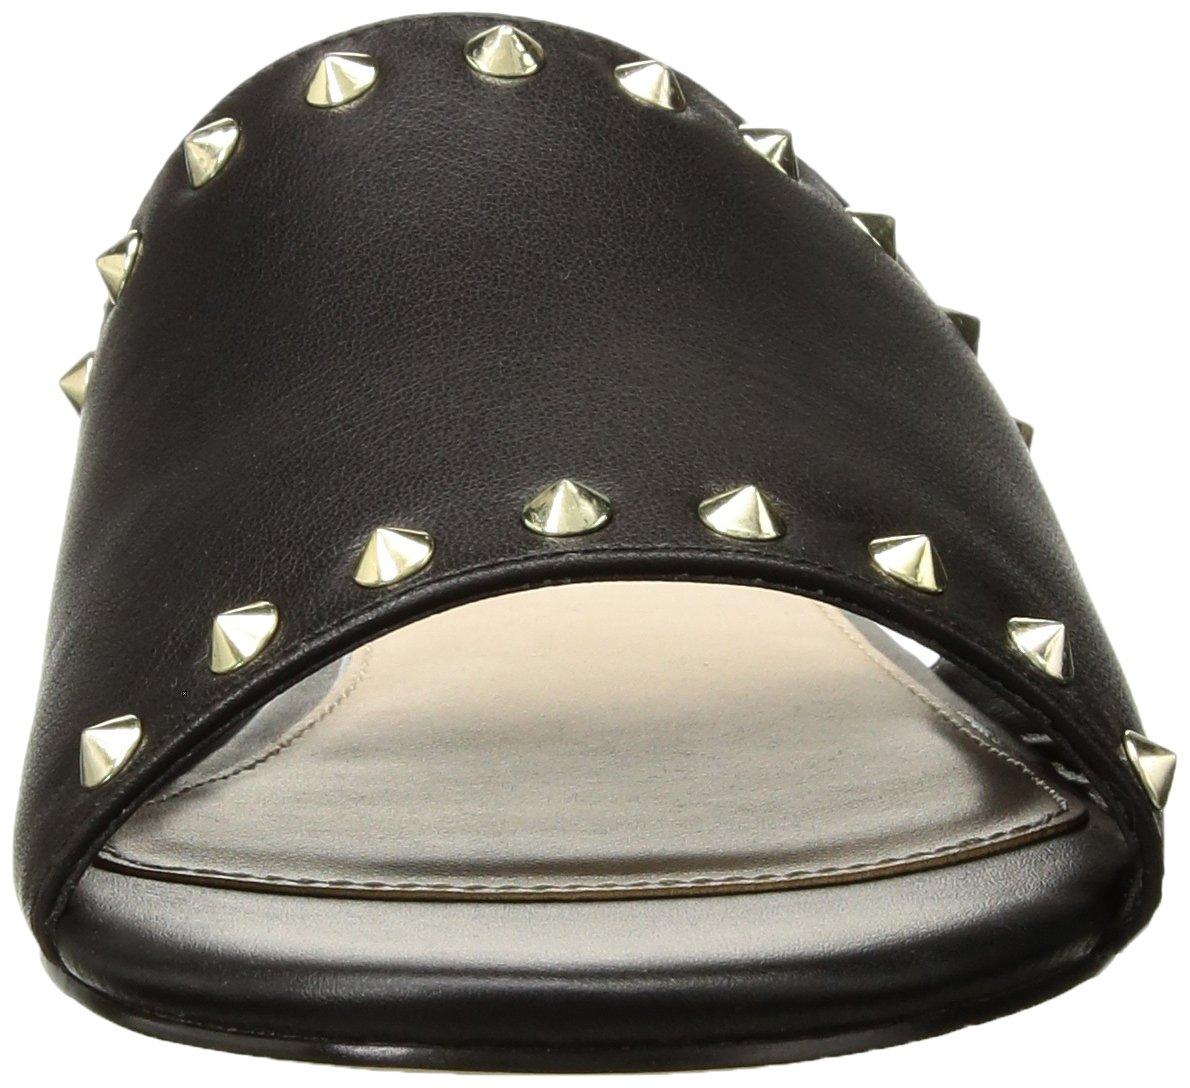 ALDO Women's Thoalle Slide Sandal B0791RJJL2 8 B(M) US Black Leather